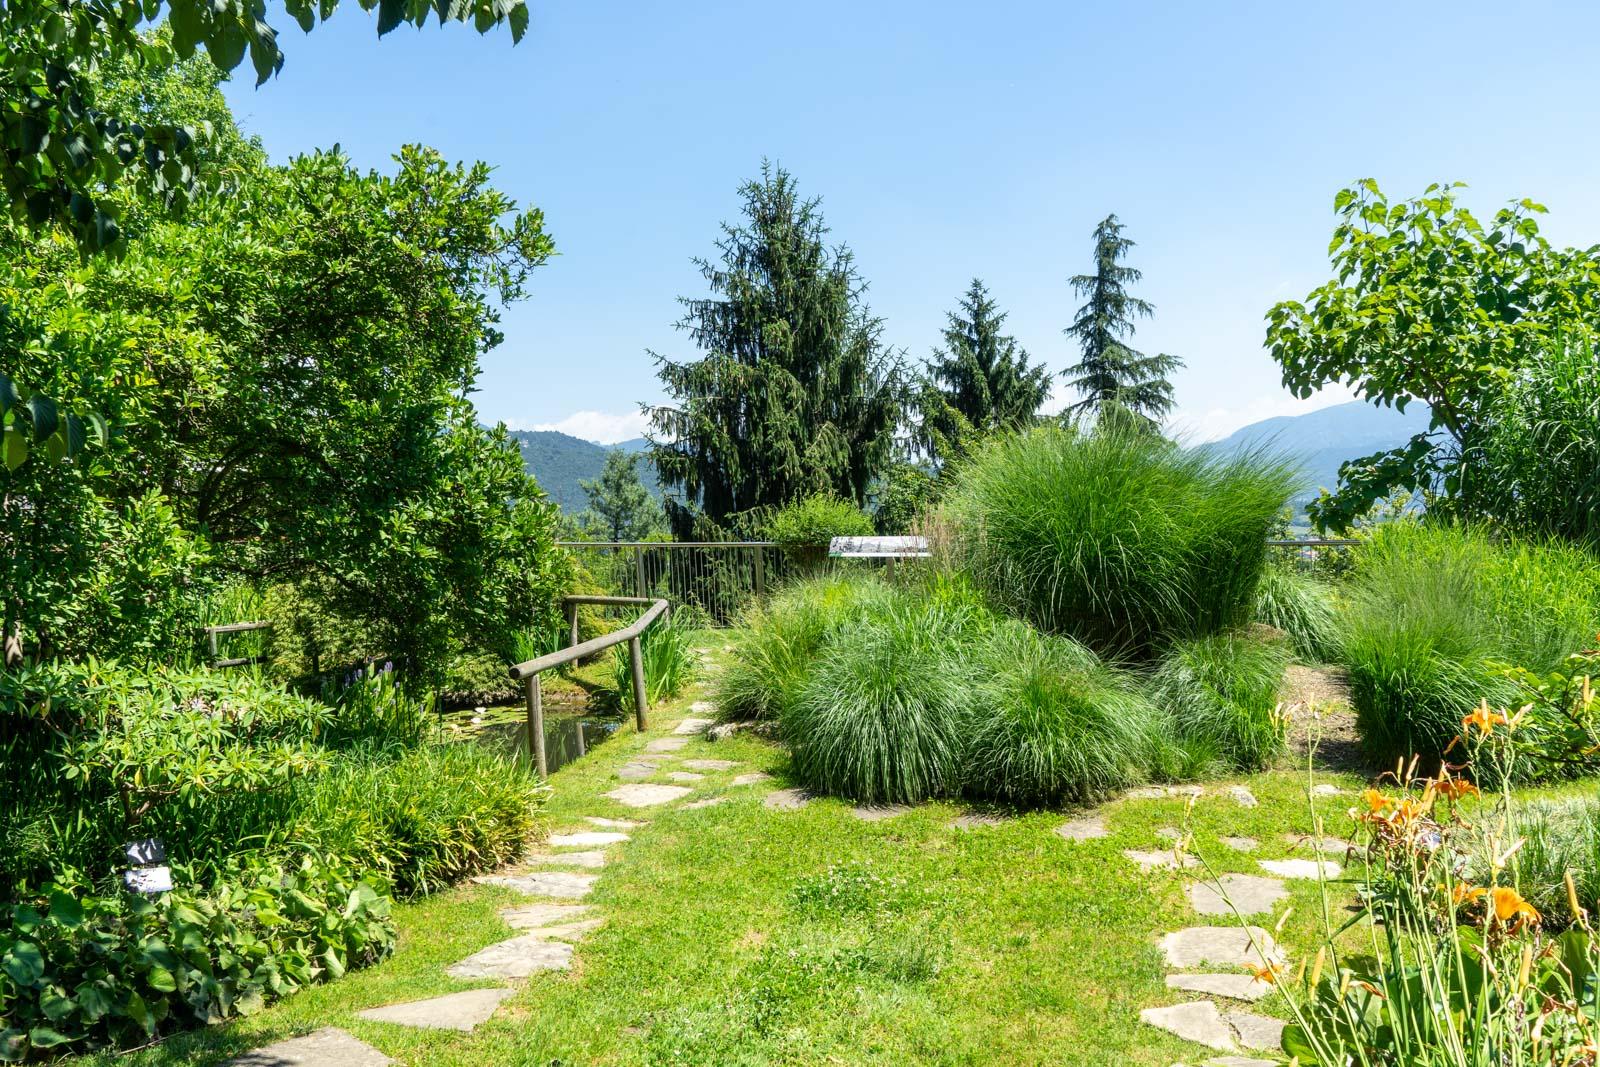 Bergamo Botanical Garden, Italy